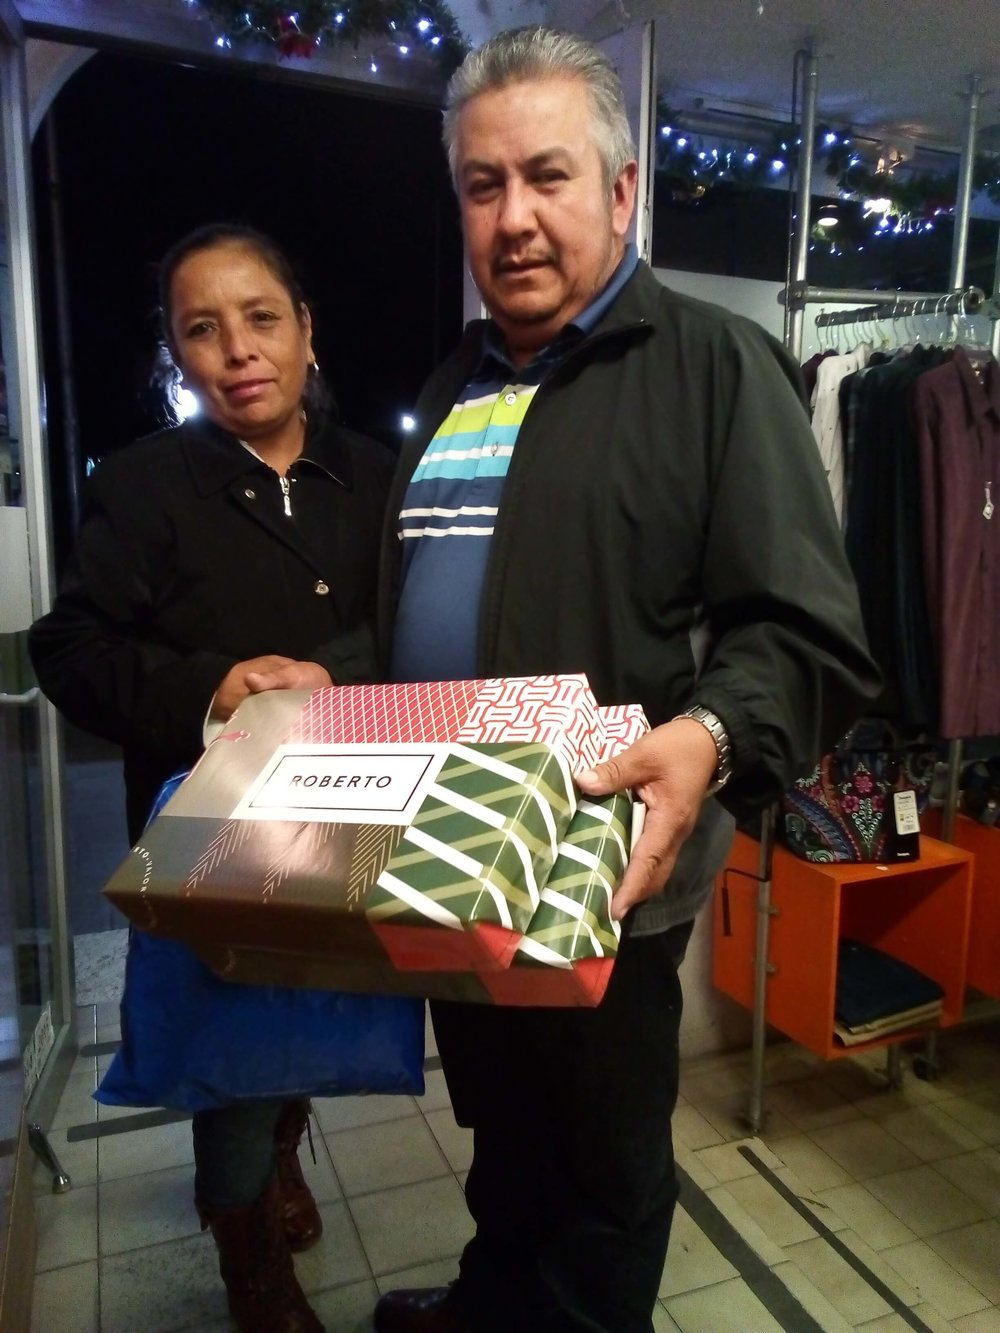 Ven por tus regalos a Roberto - En la compra de cualquier artículo en las tiendas Roberto, la envoltura para regalo es grátis. Válido hasta agotar existencias.